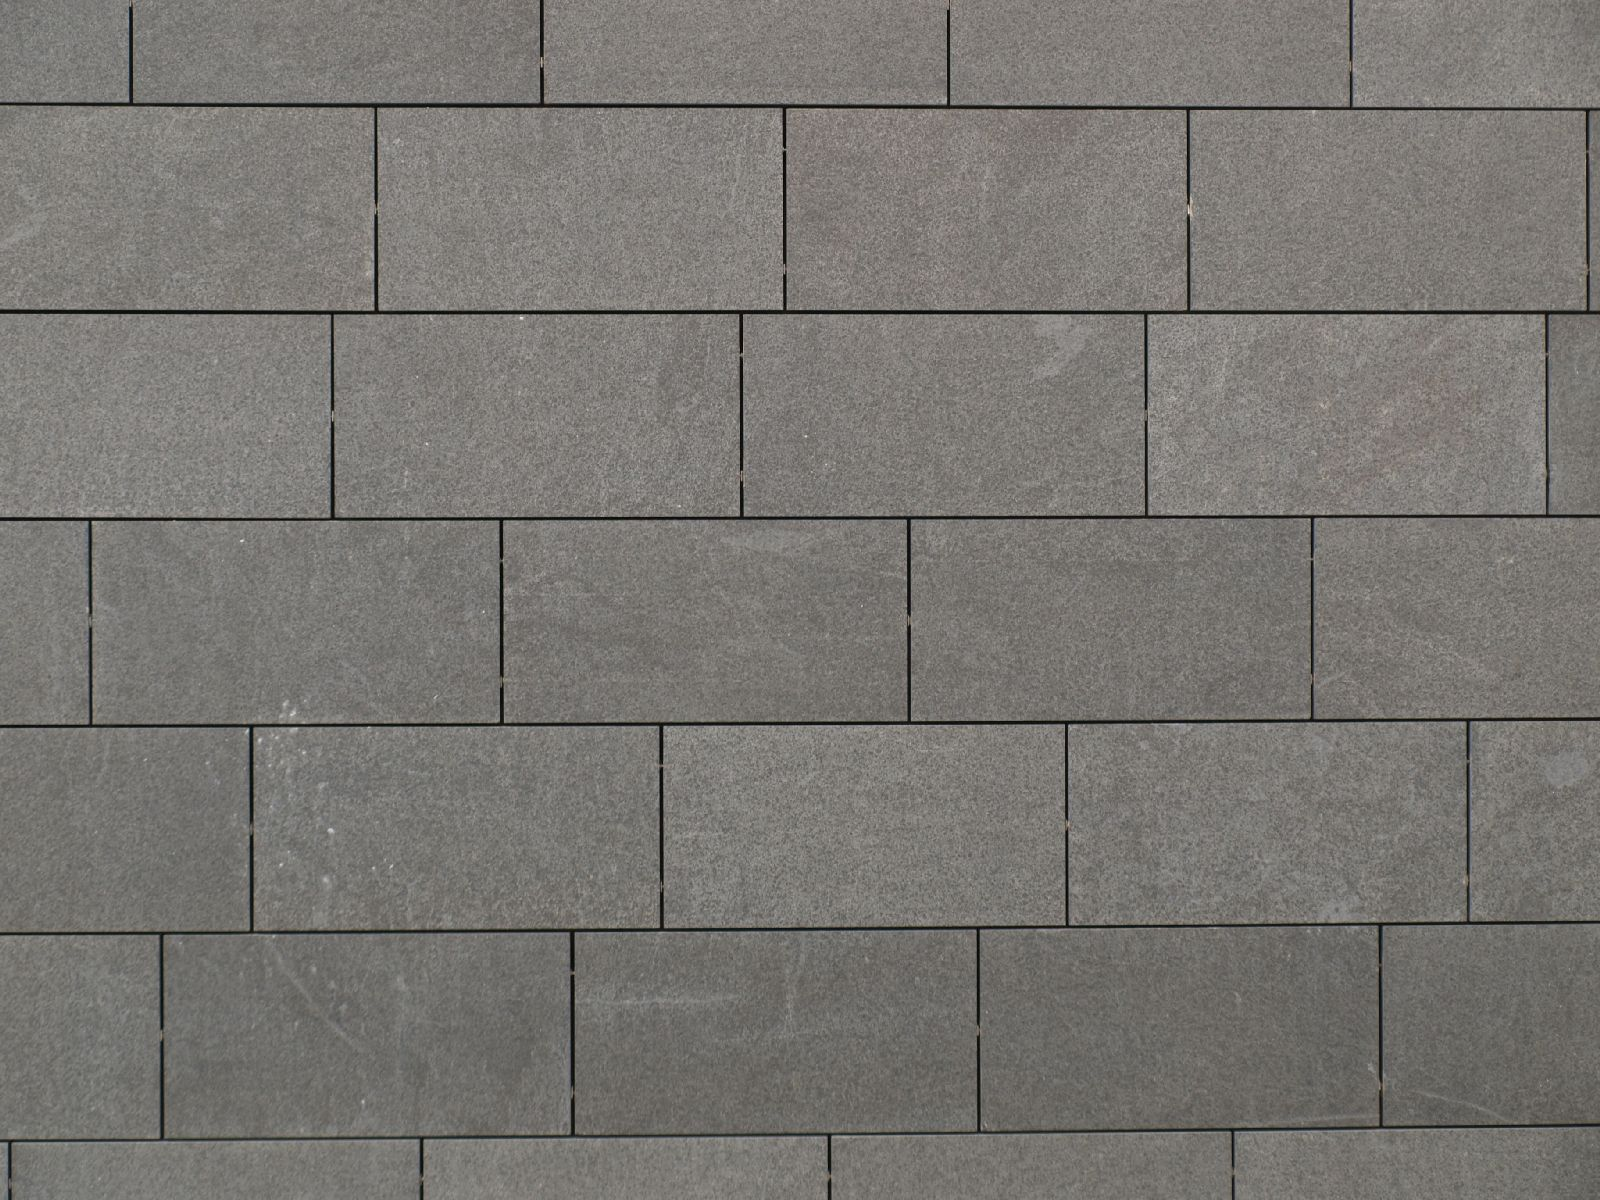 Brick_Texture_A_P6218436